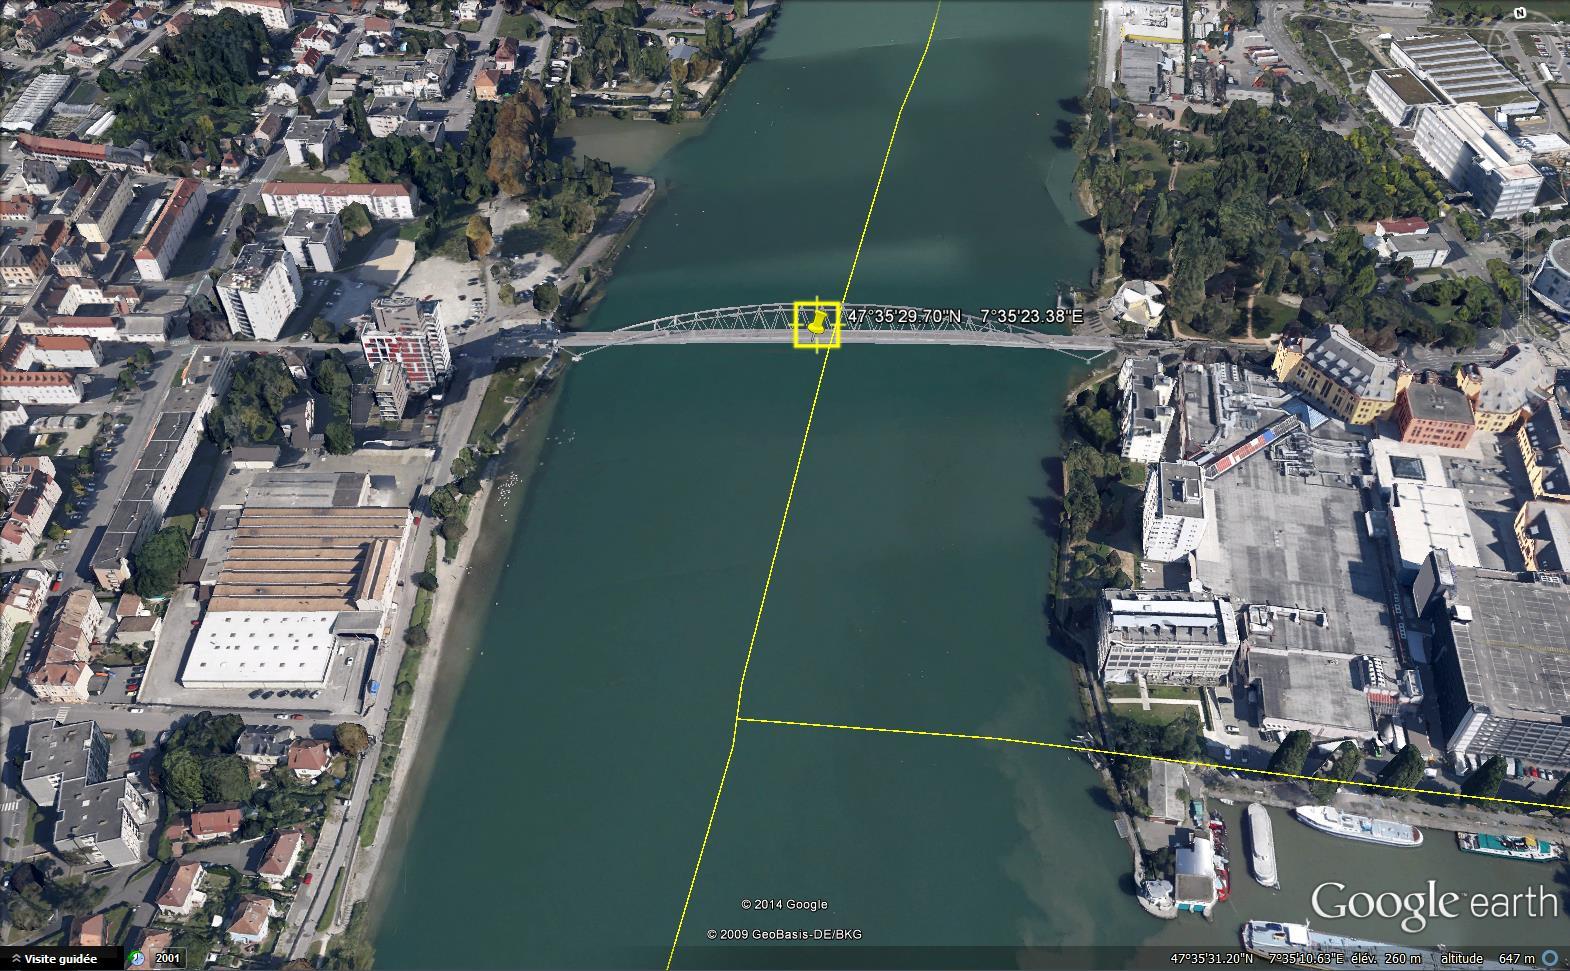 Les ponts du monde avec Google Earth - Page 16 763807passerelledes3pays